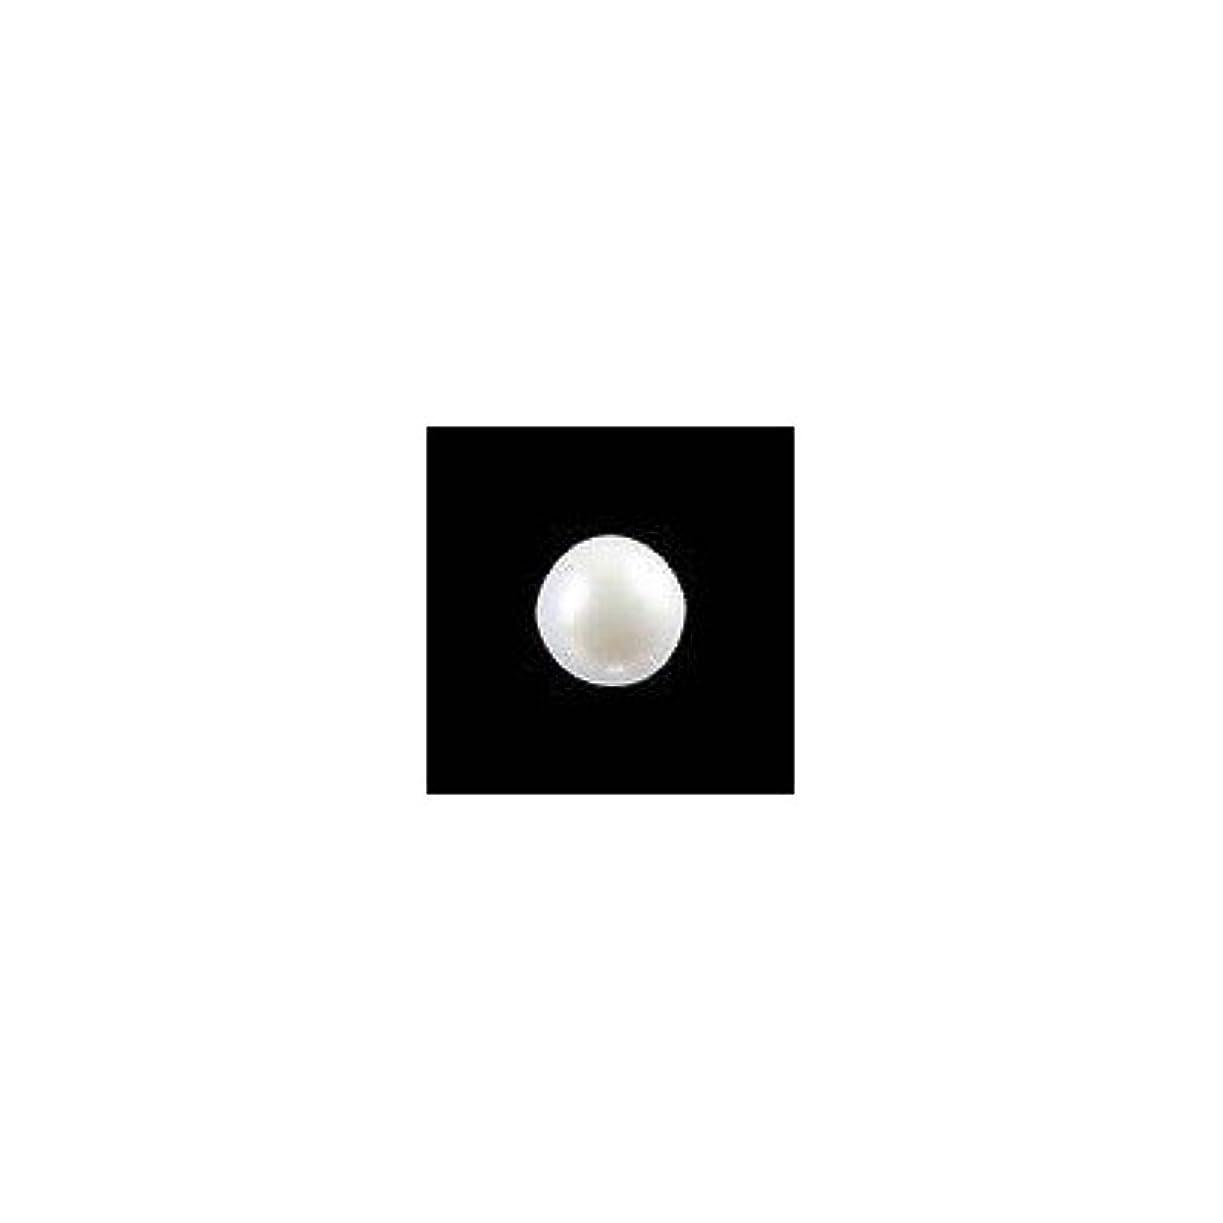 材料簡潔なずっとピアドラ 大粒パール ラウンド(4mm)24P